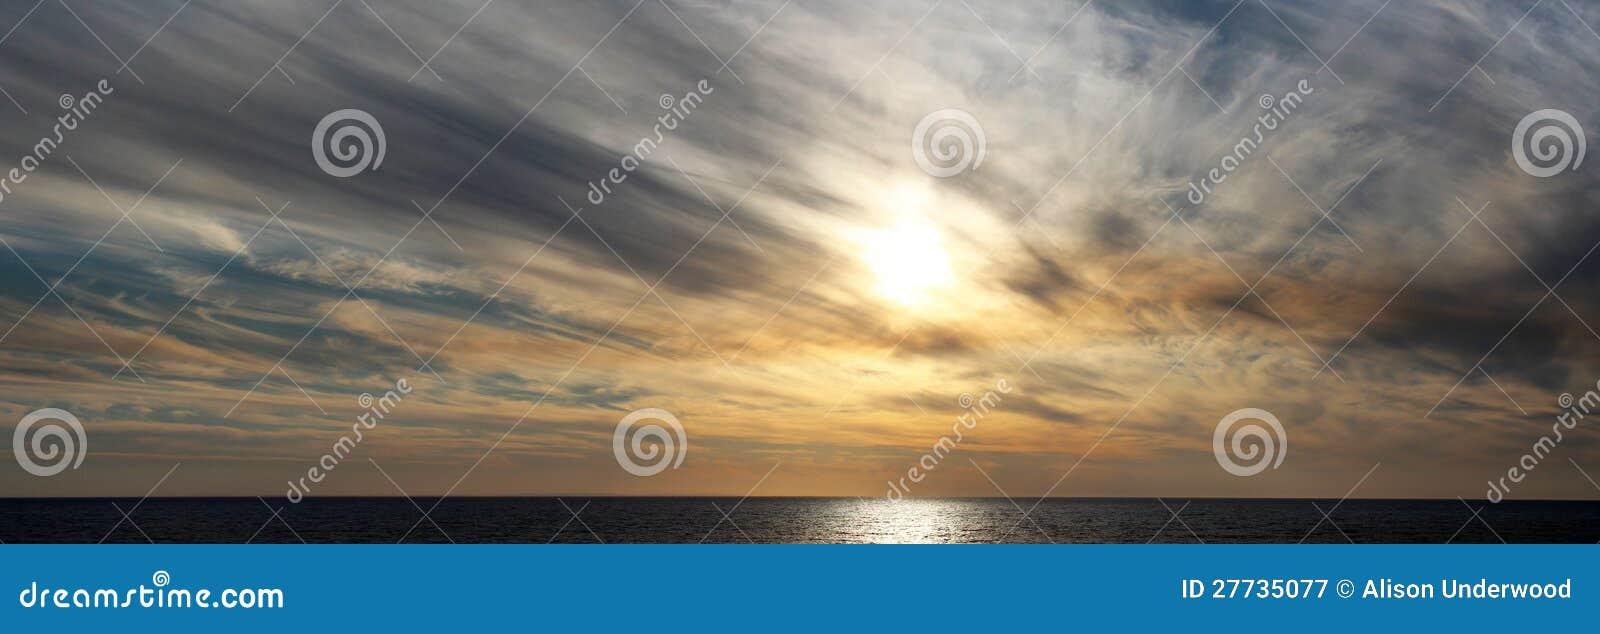 Panorama des rauchigen Sonnenuntergangs Bunbury Westaustralien